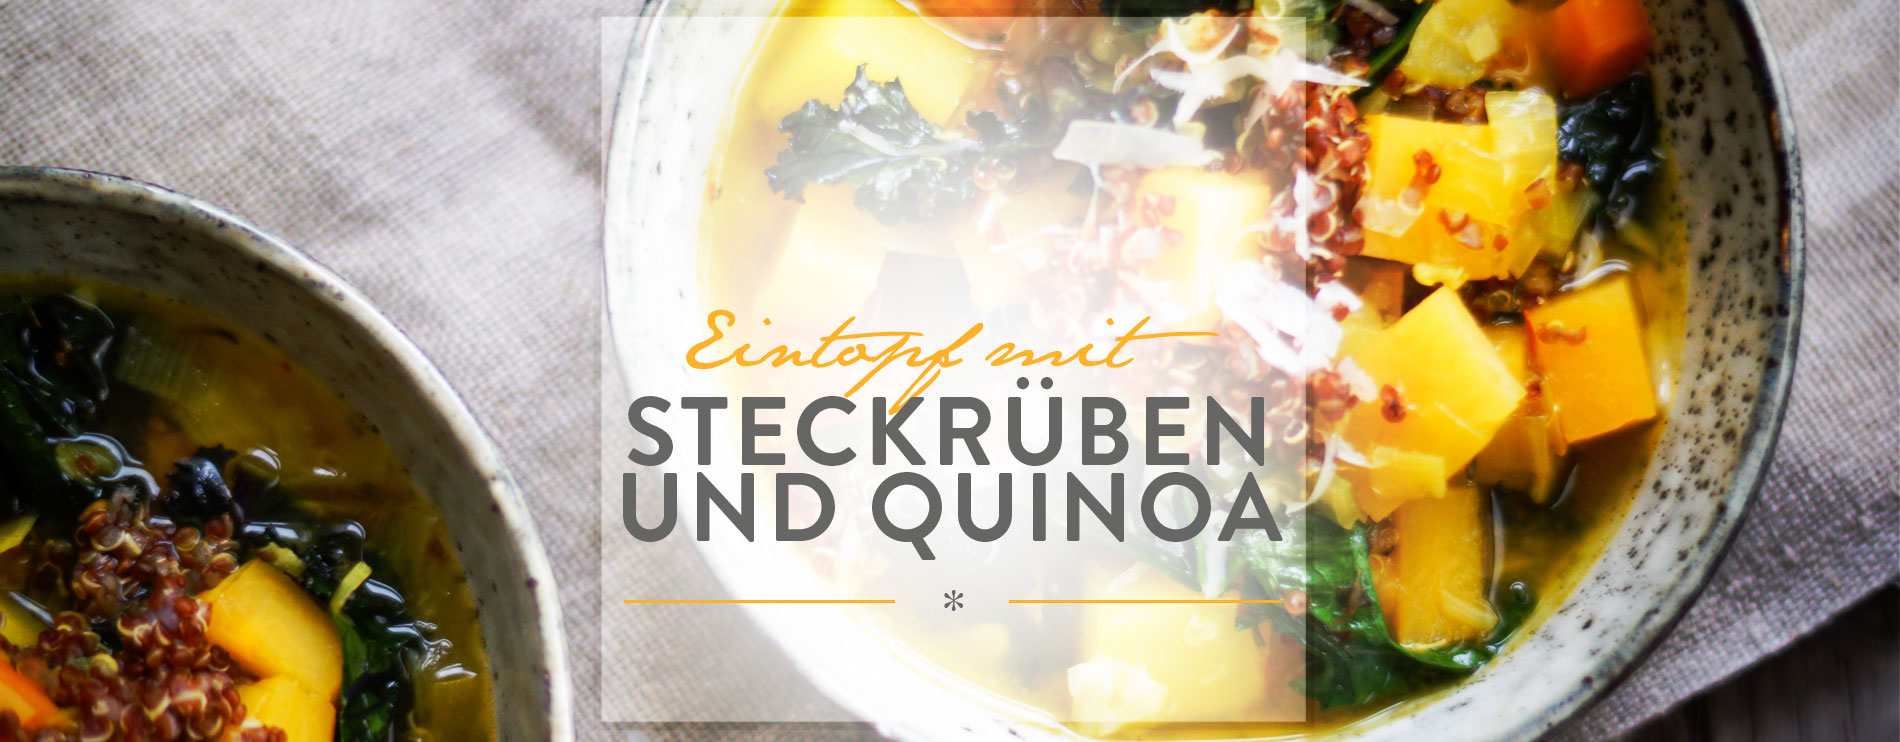 Header Eintopf mit Steckrüben und Quinoa